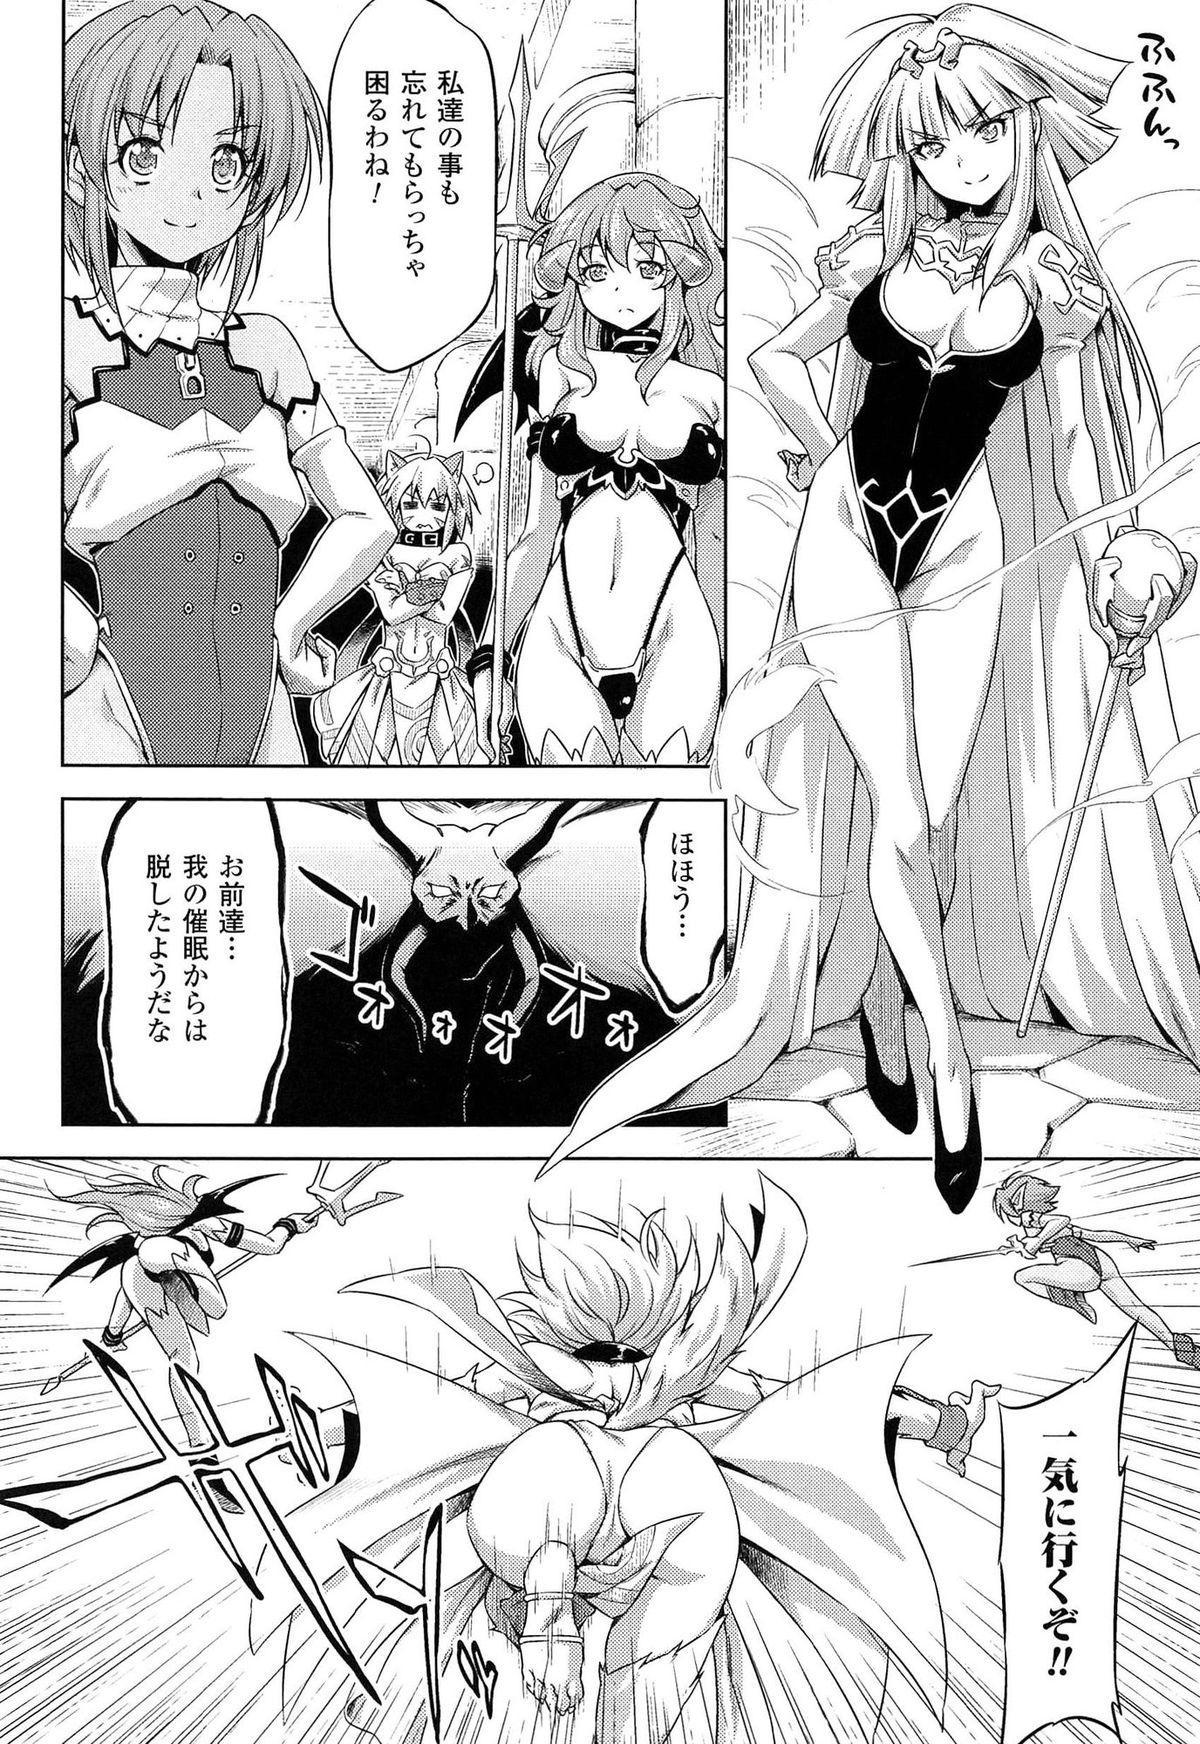 [kazuma muramasa, ZyX] Ikazuchi no Senshi Raidy ~Haja no Raikou~ THE COMIC 213